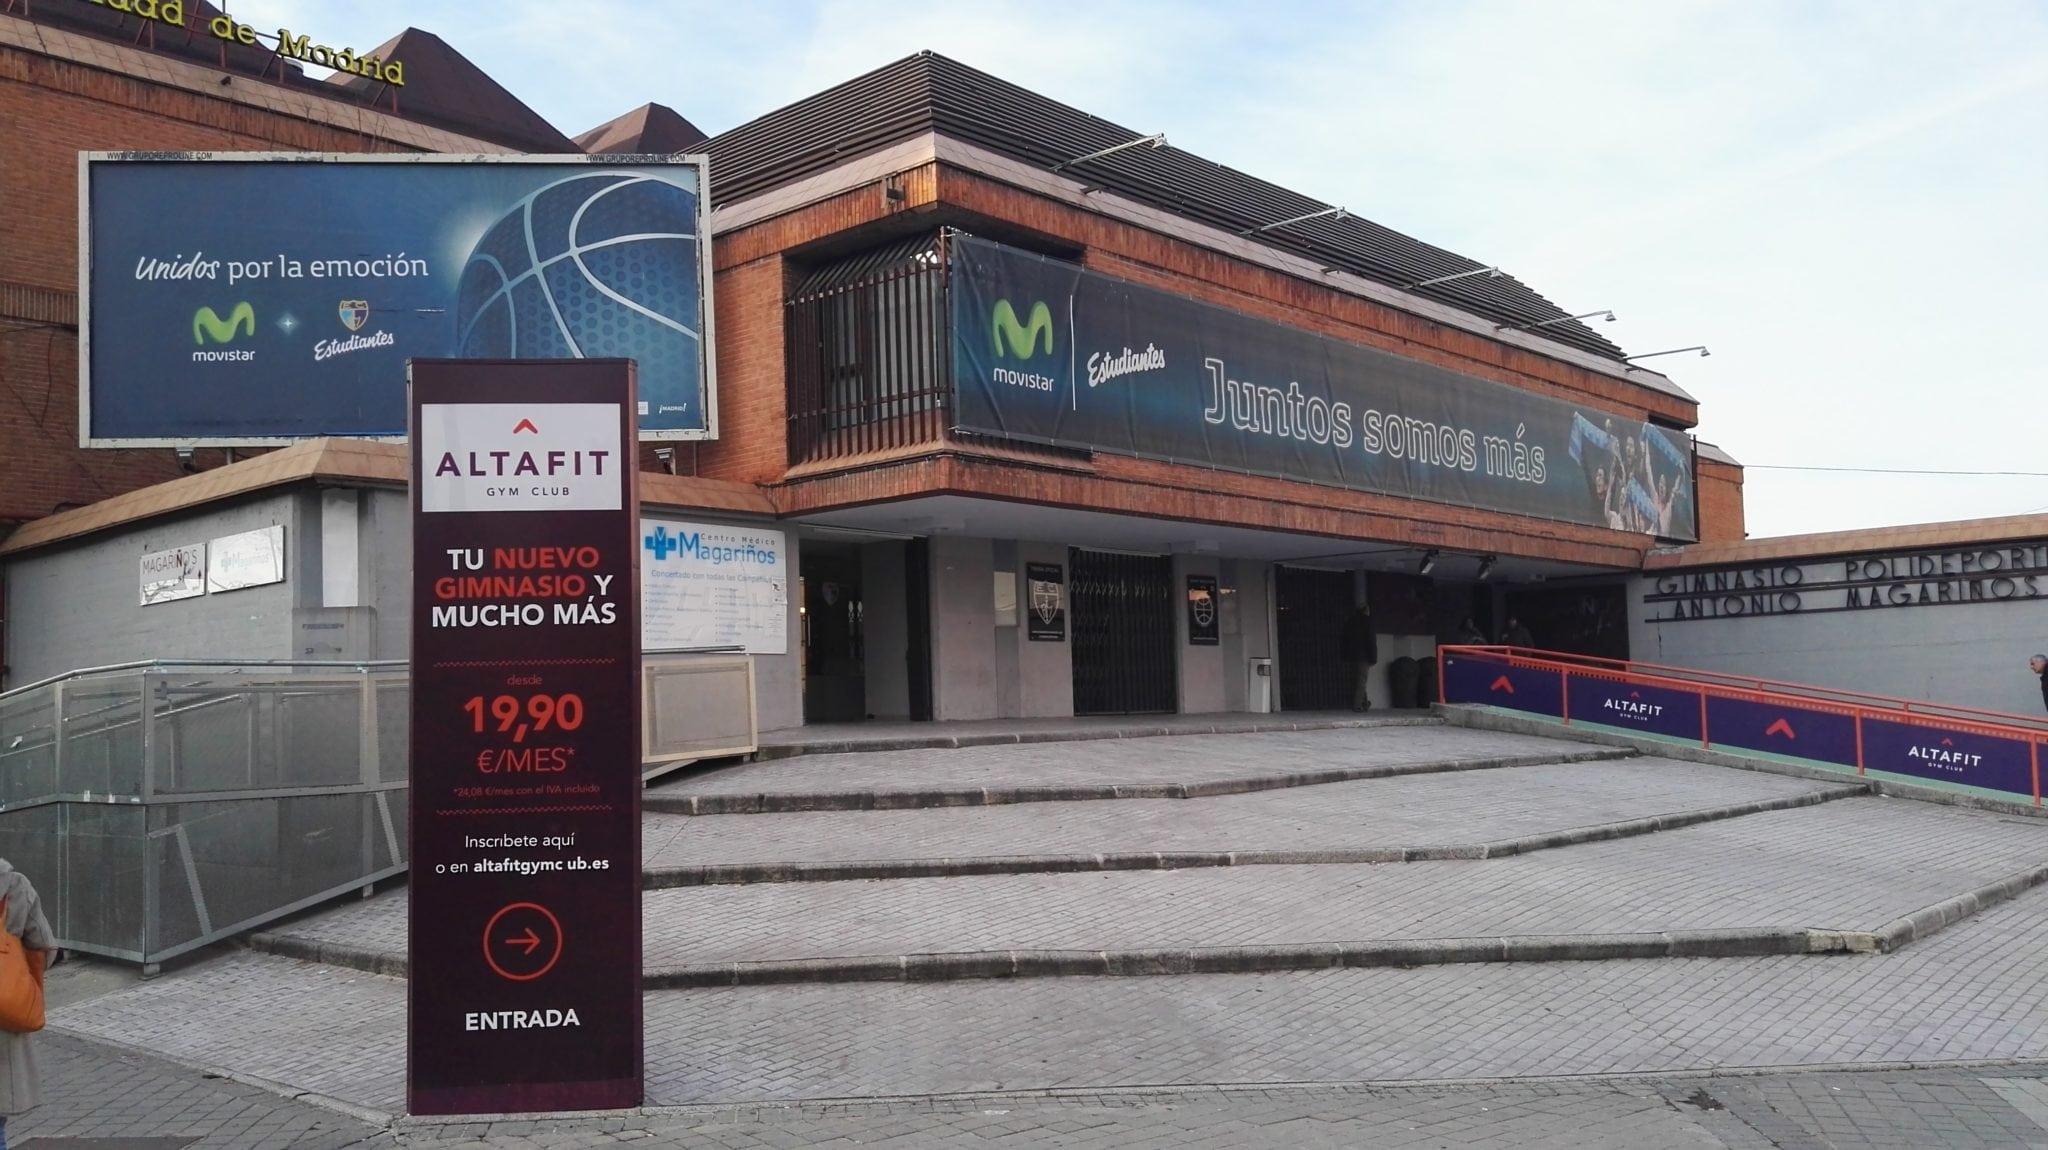 Polideportivo Antonio Magariños: cerrado lunes 14 y martes 15 de agosto